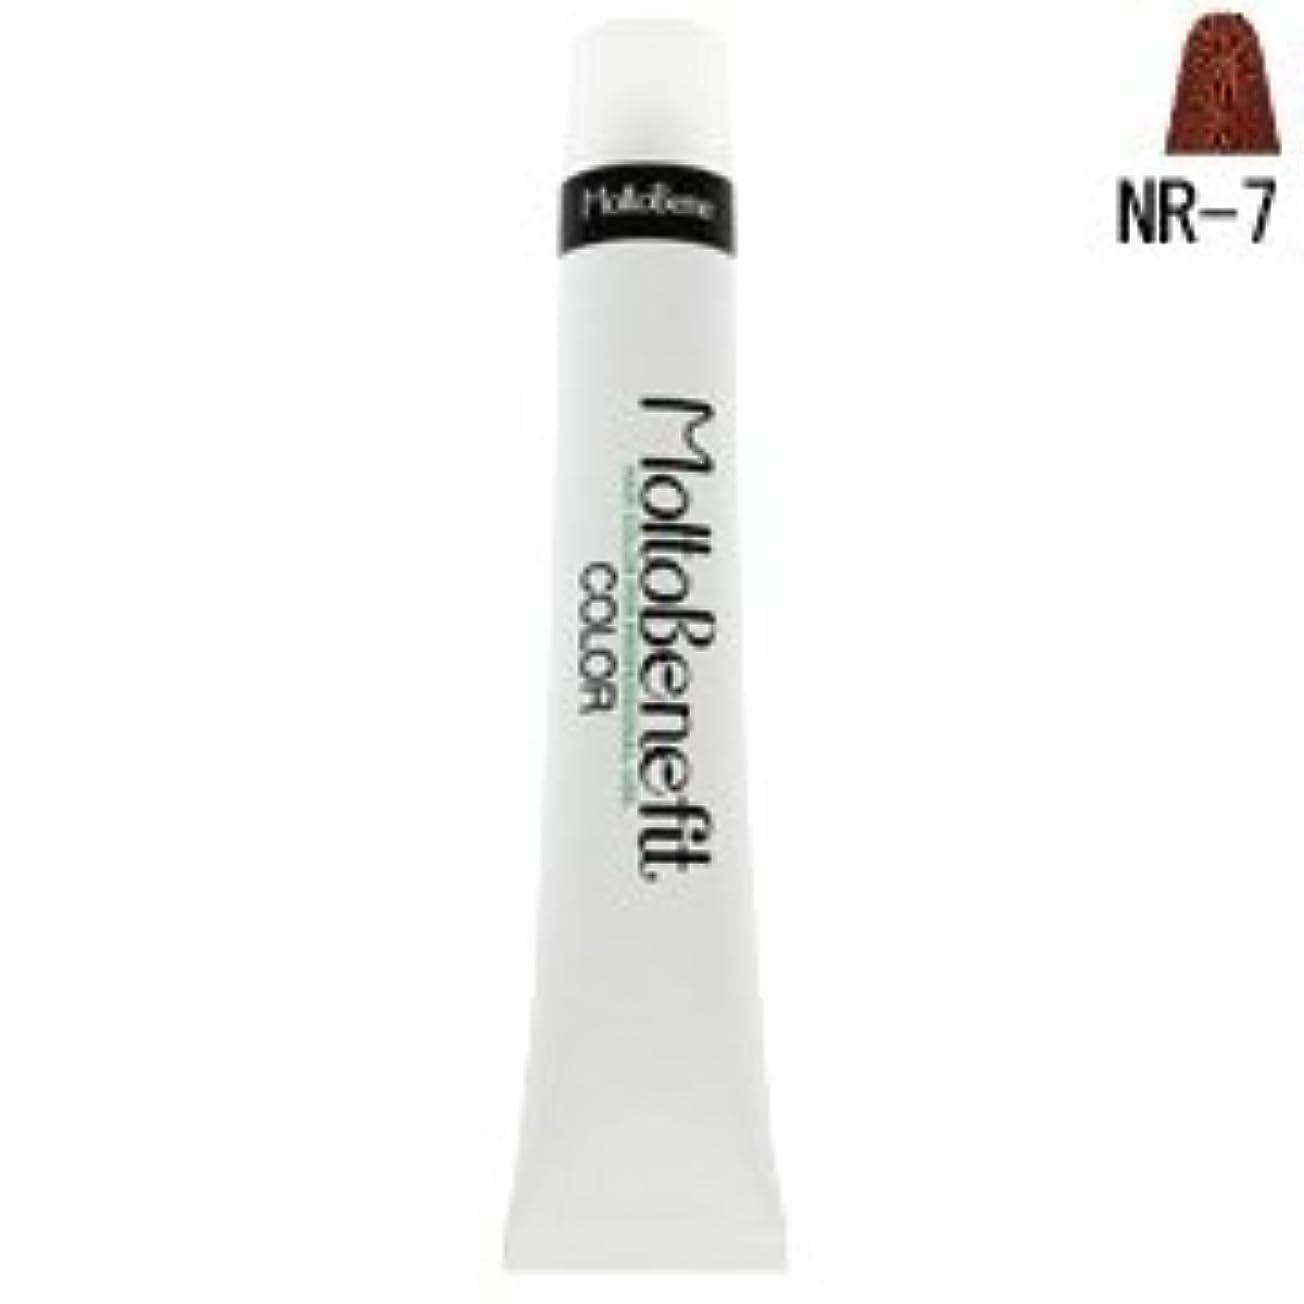 珍しい疫病所有者【モルトベーネ】フィットカラー グレイナチュラルカラー NR-7 ナチュラルレッド 60g